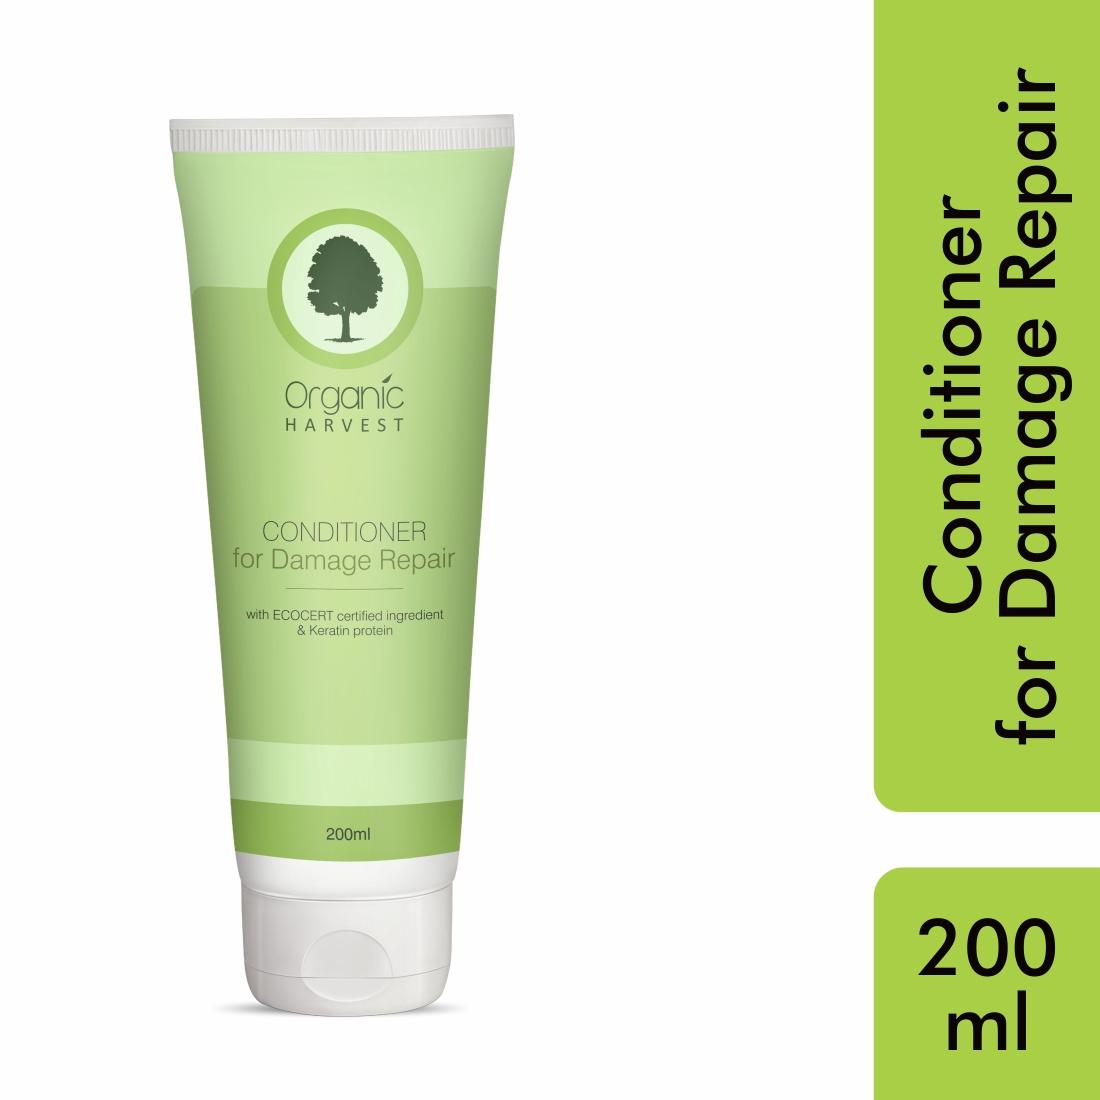 Organic Harvest | Conditioner for Damage Repair - 200 ml